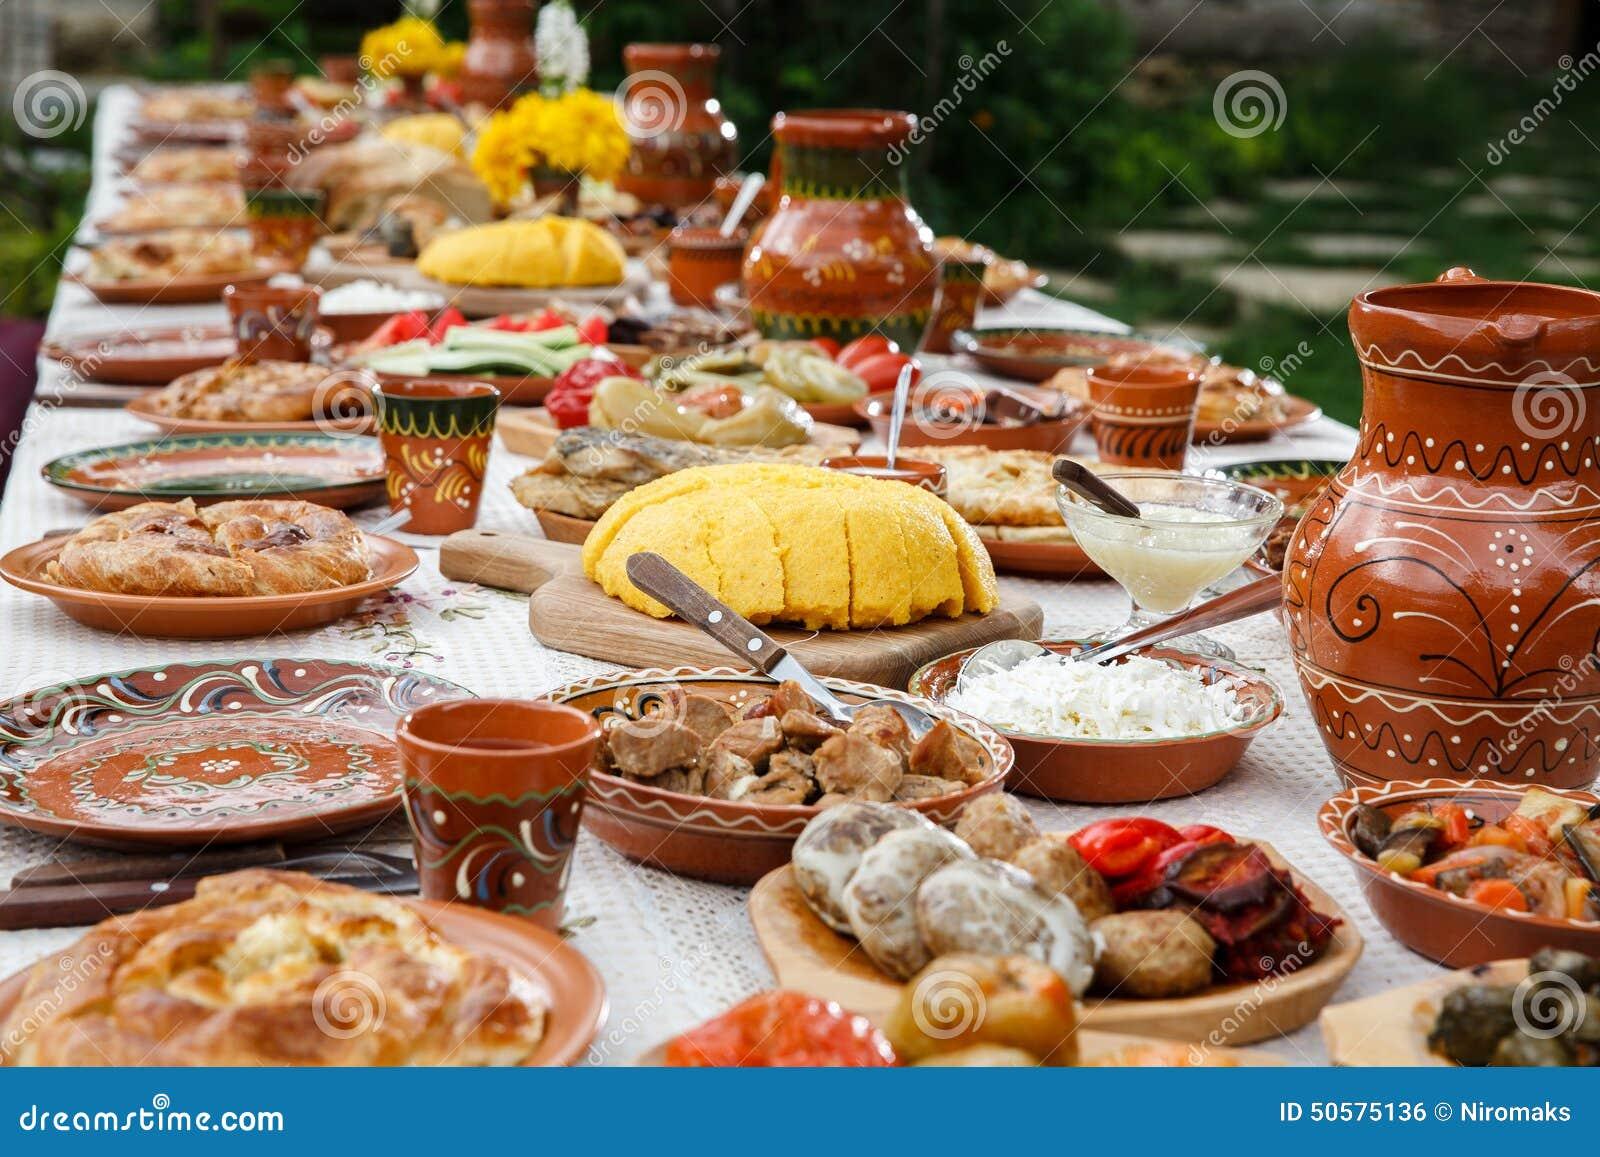 Full of food